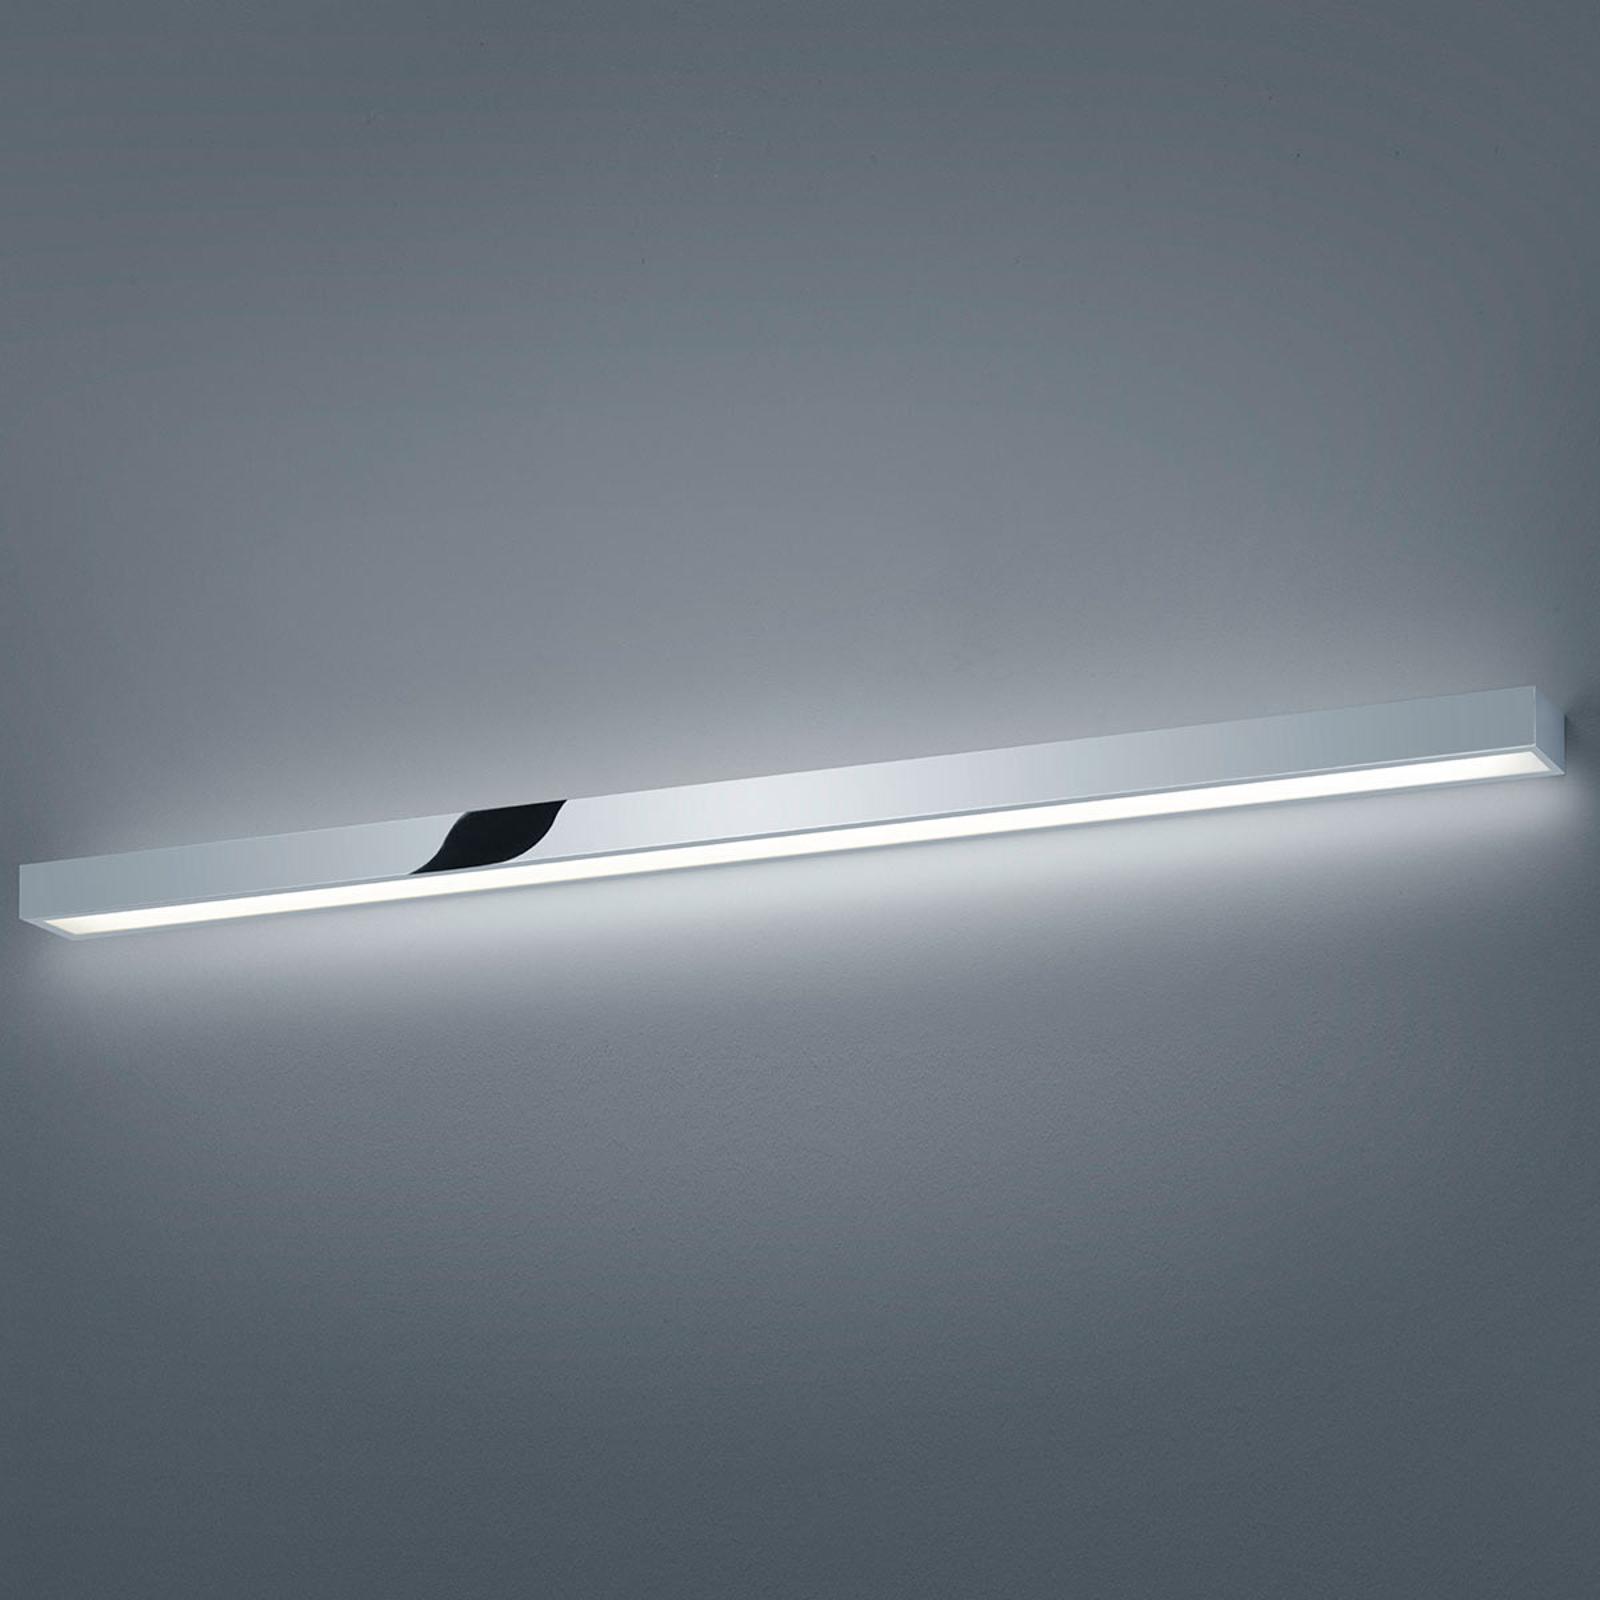 Helestra Theia lámpara de espejo LED cromado 120cm